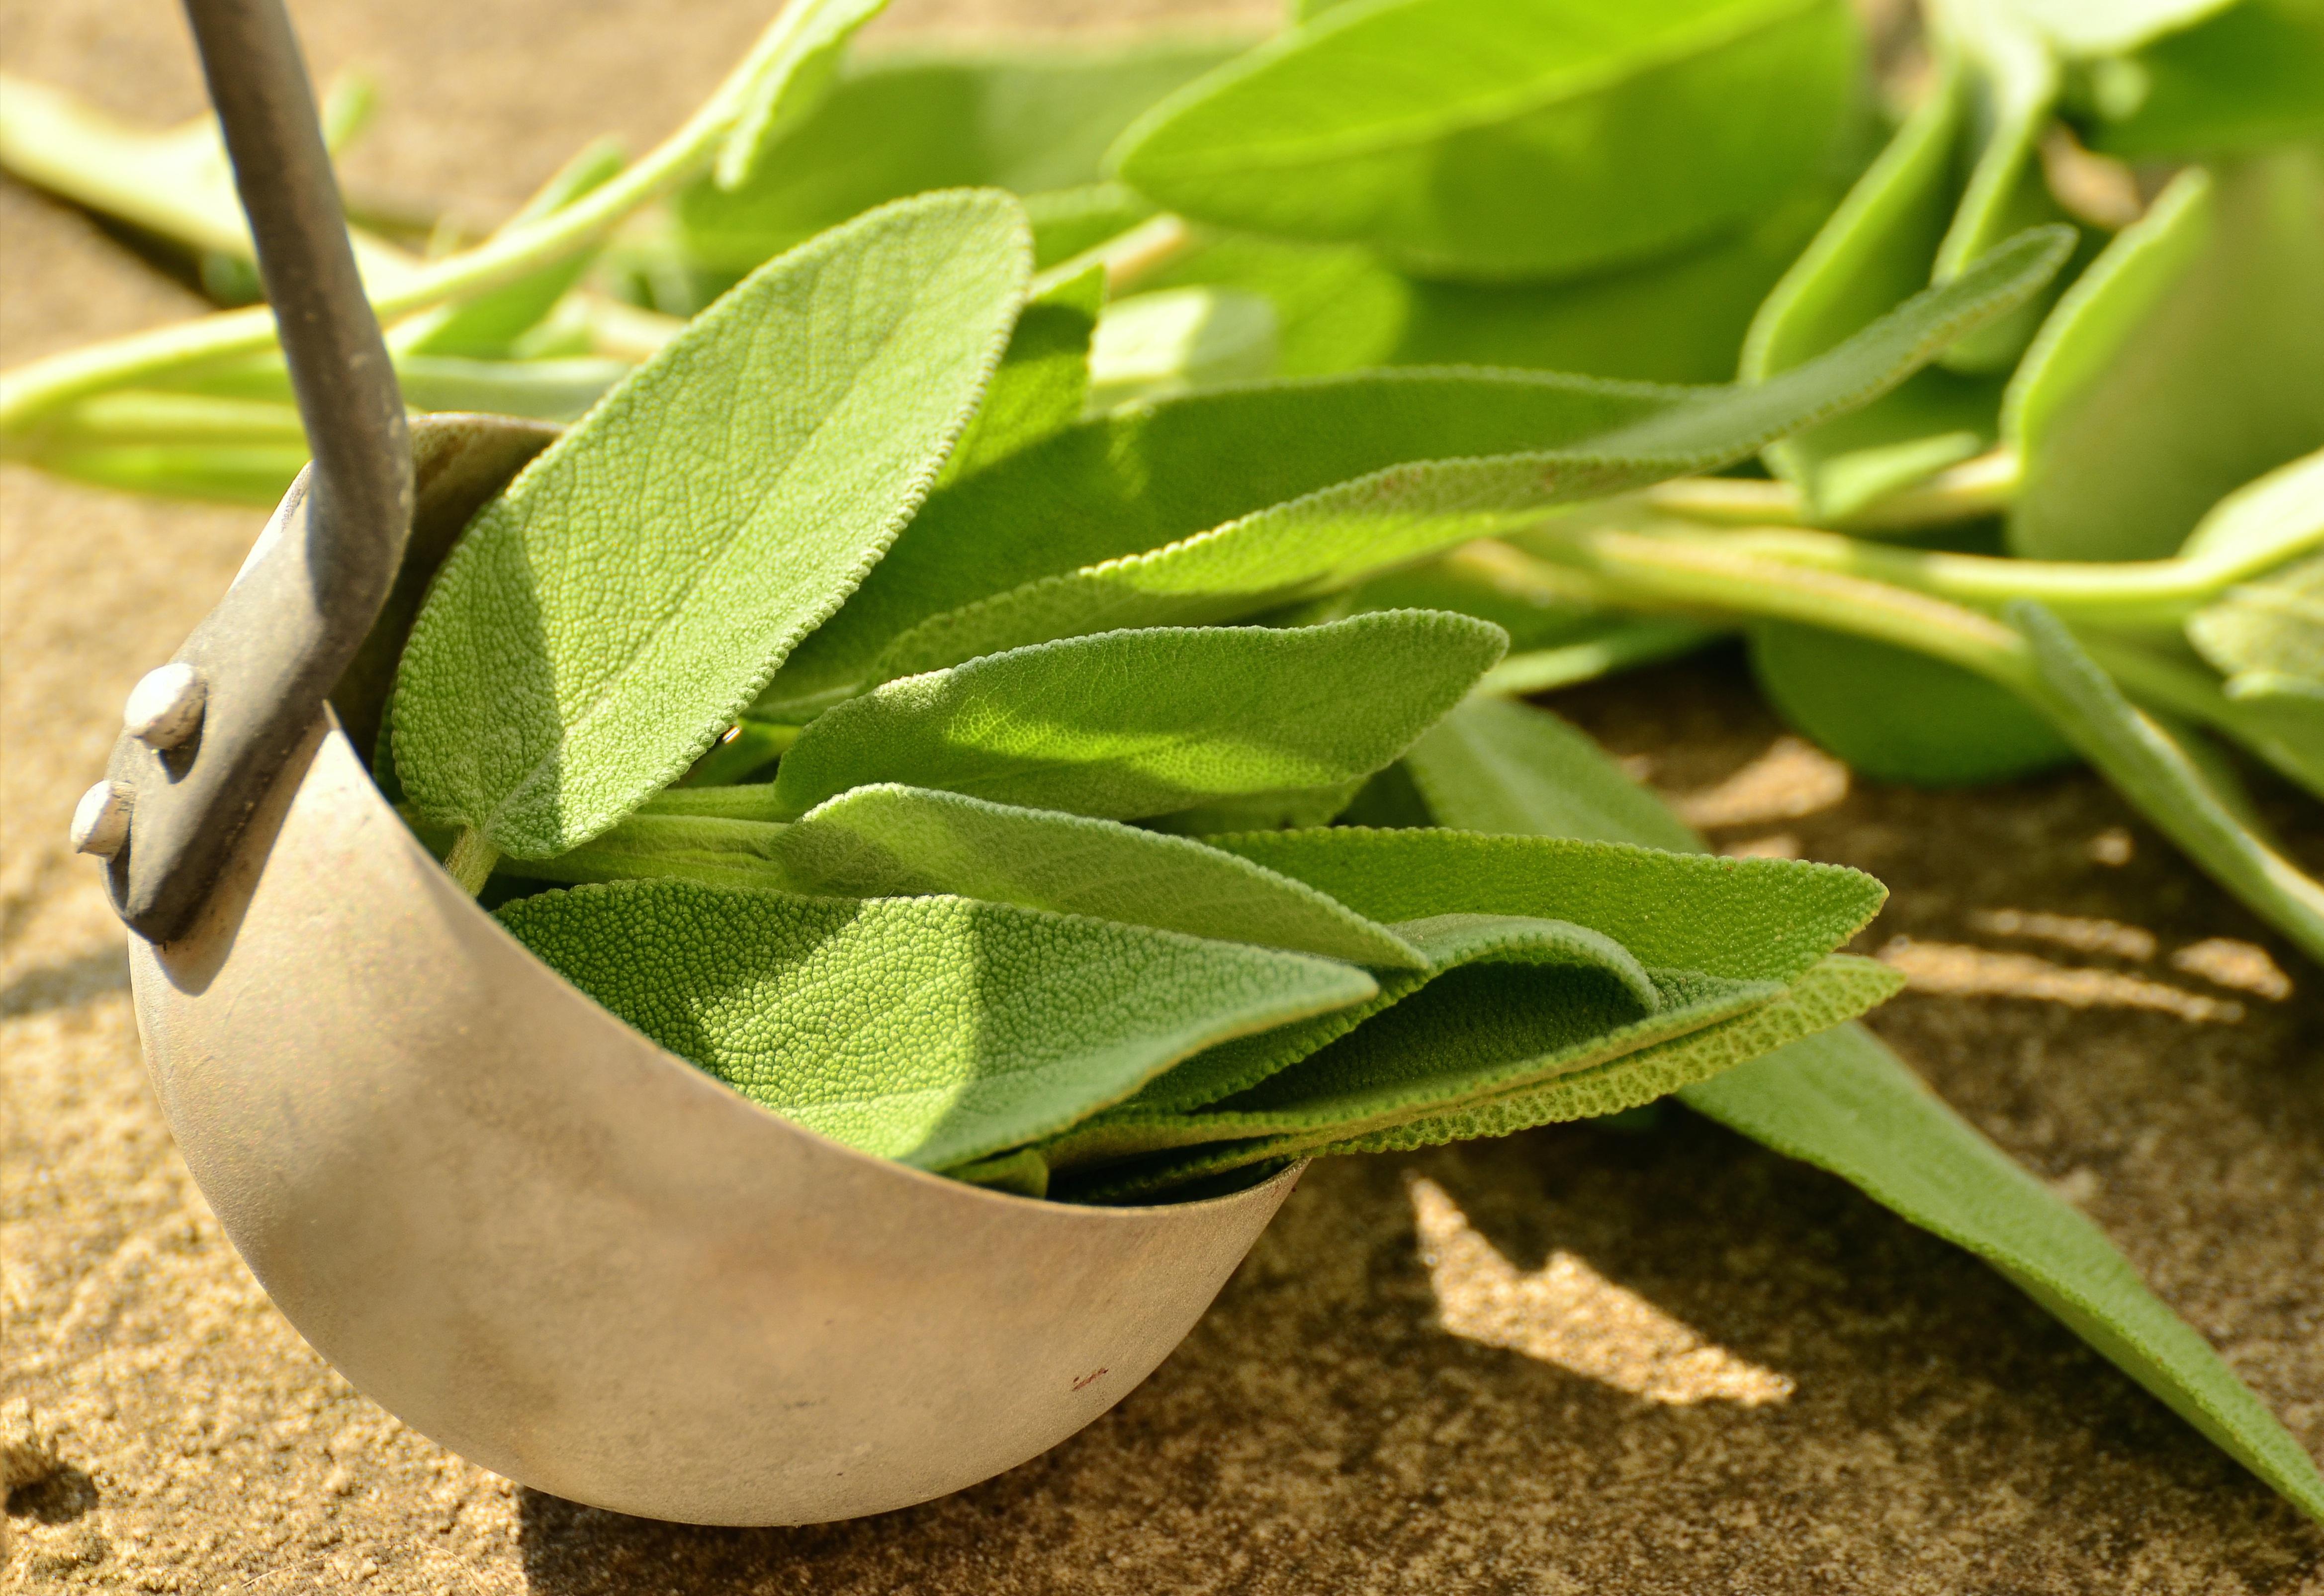 images gratuites : herbe, feuille, fleur, arôme, aliments, vert